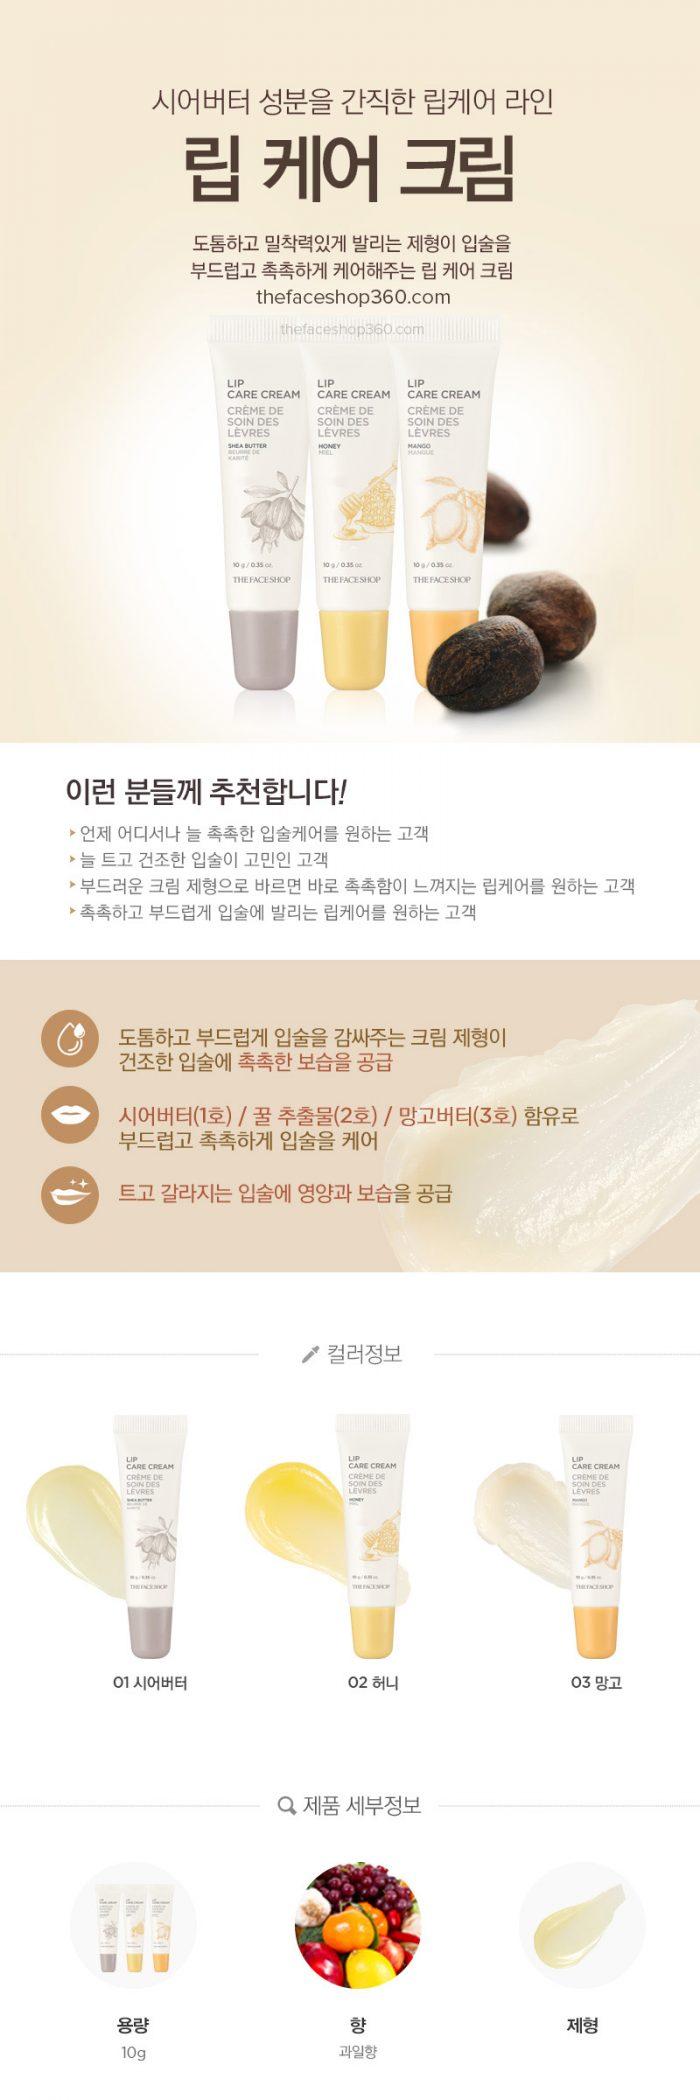 Son dưỡng môi dạng kem làm mềm môi Lip Care Cream Shea Butter